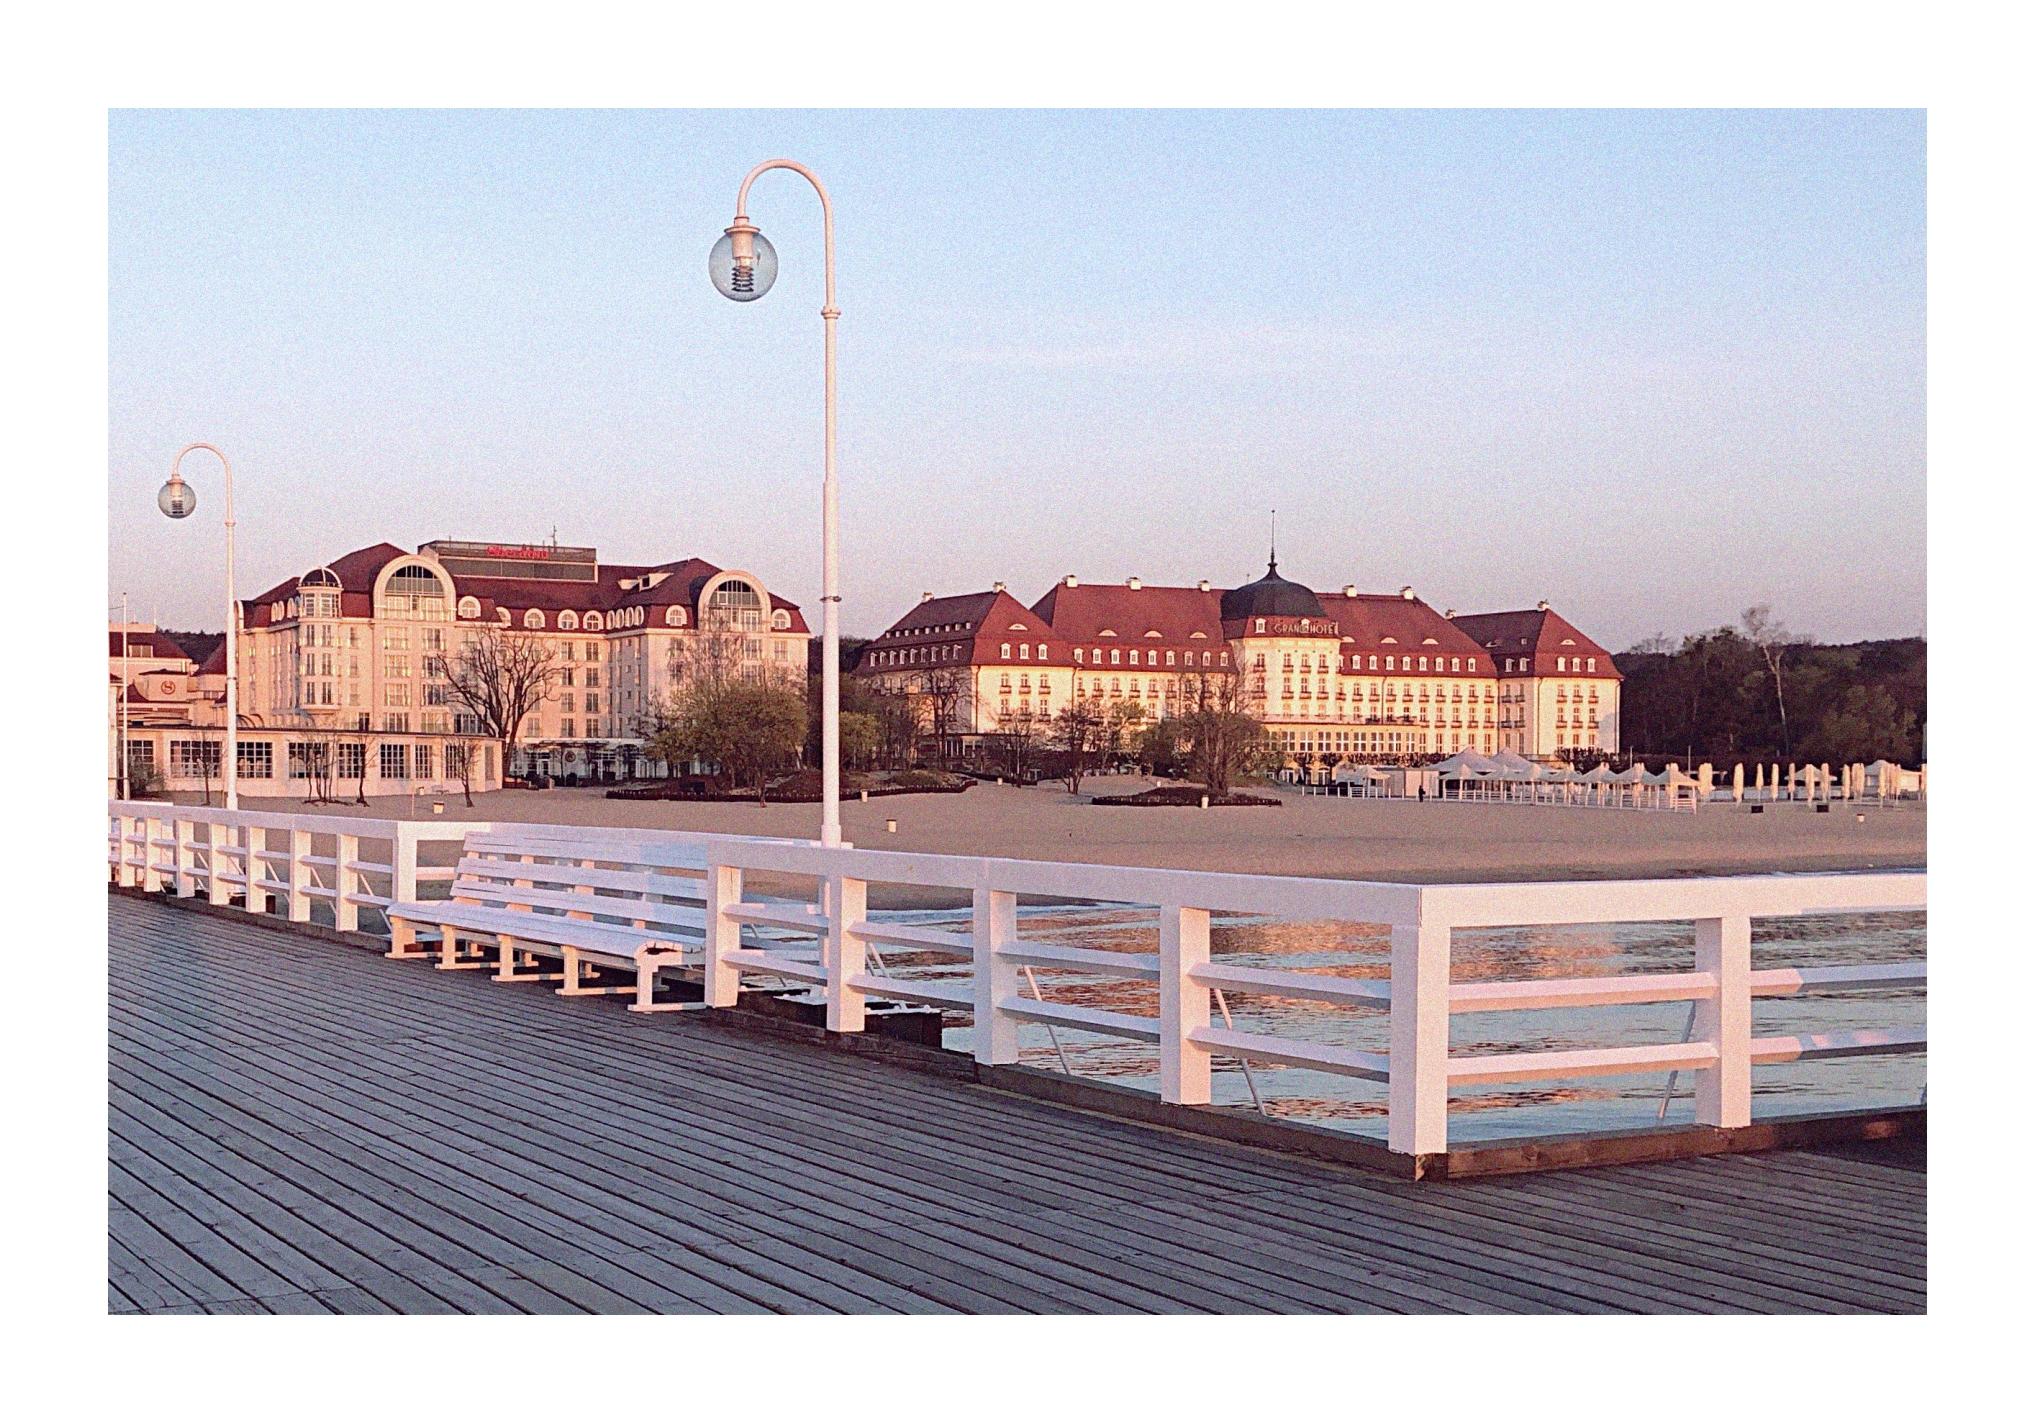 GRAND HOTEL - To kolejny świetnie rozpoznawalny obiekt Sopotu, który swoją działalność rozpoczął na początku XX wieku. Gościł wiele sław oraz gwiazdy występujące w Operze Leśnej. Razem z hotelem Sheraton znajduje się tuż przy plaży, oferując gościom fantastyczny widok na morze.